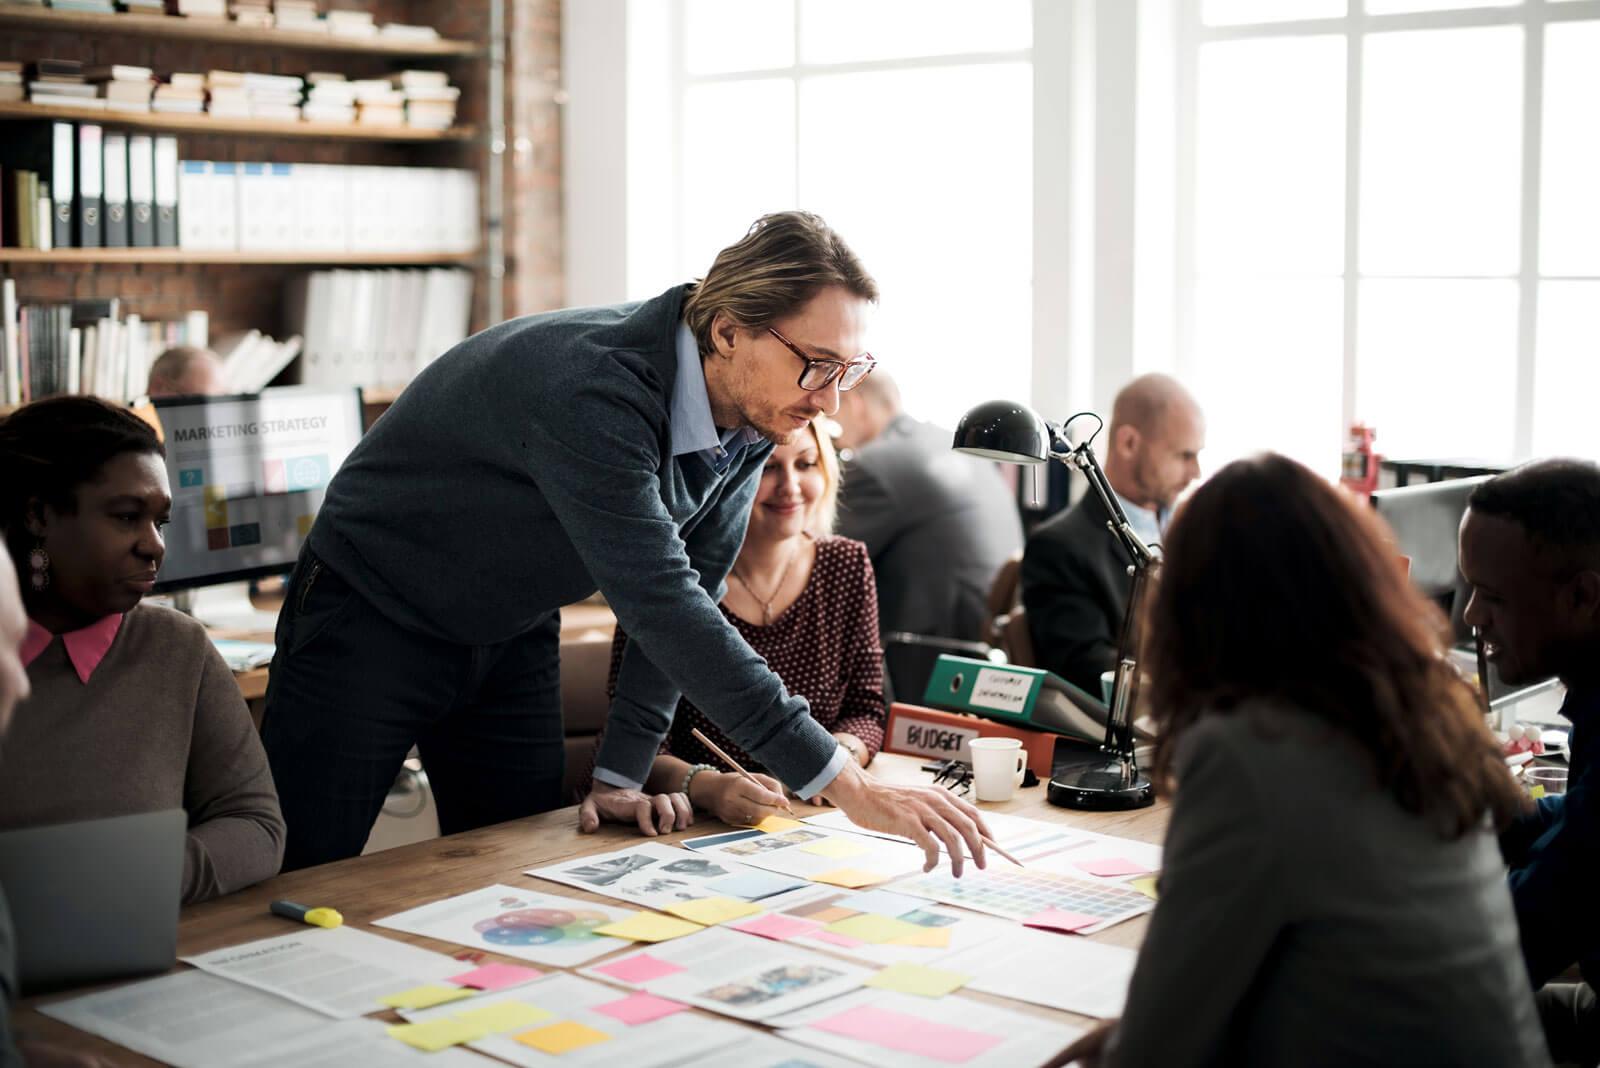 Ein Mitarbeiter erklärt seinen Kollegen etwas auf Papier, welches auf dem Tisch liegt